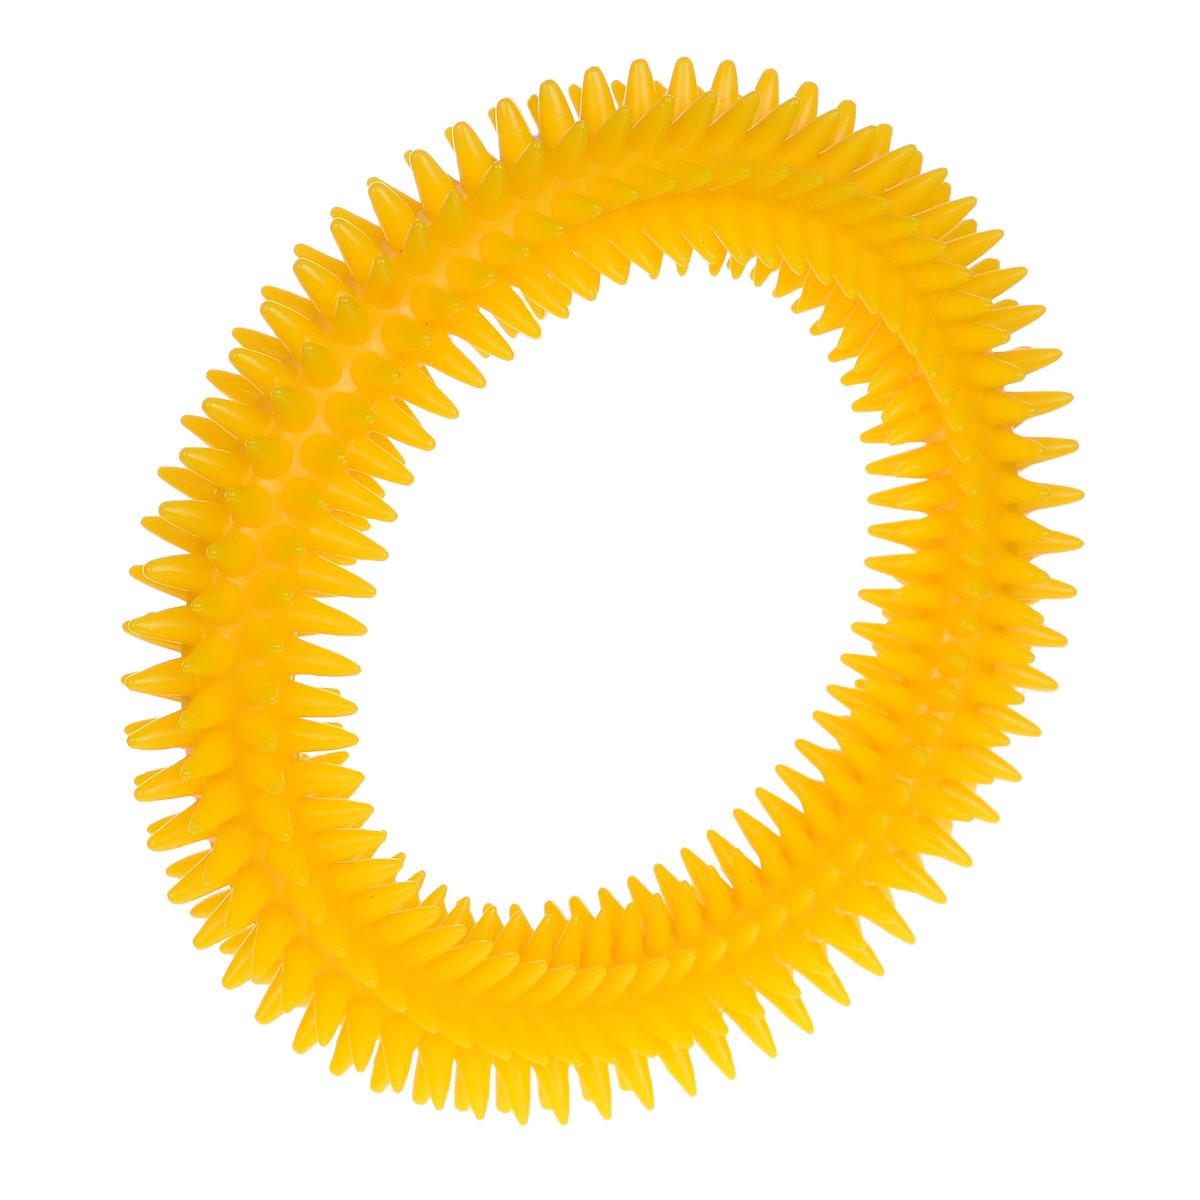 Кольцо массажное с шипами V.I.Pet, цвет: желтый, диаметр 16 см5016_желтыйМассажное кольцо с шипами V.I.Pet предназначено для собак. Прочная игрушка выполнена из пластика с использованием только безопасных, не токсичных красителей. Отлично подходит для игры с собакой, во время которой будет происходить массаж и укрепление десен вашего питомца. Как и в случае с любой другой игрушкой для животных, присматривайте за собакой во время игры. Диаметр: 16 см. Товар сертифицирован.